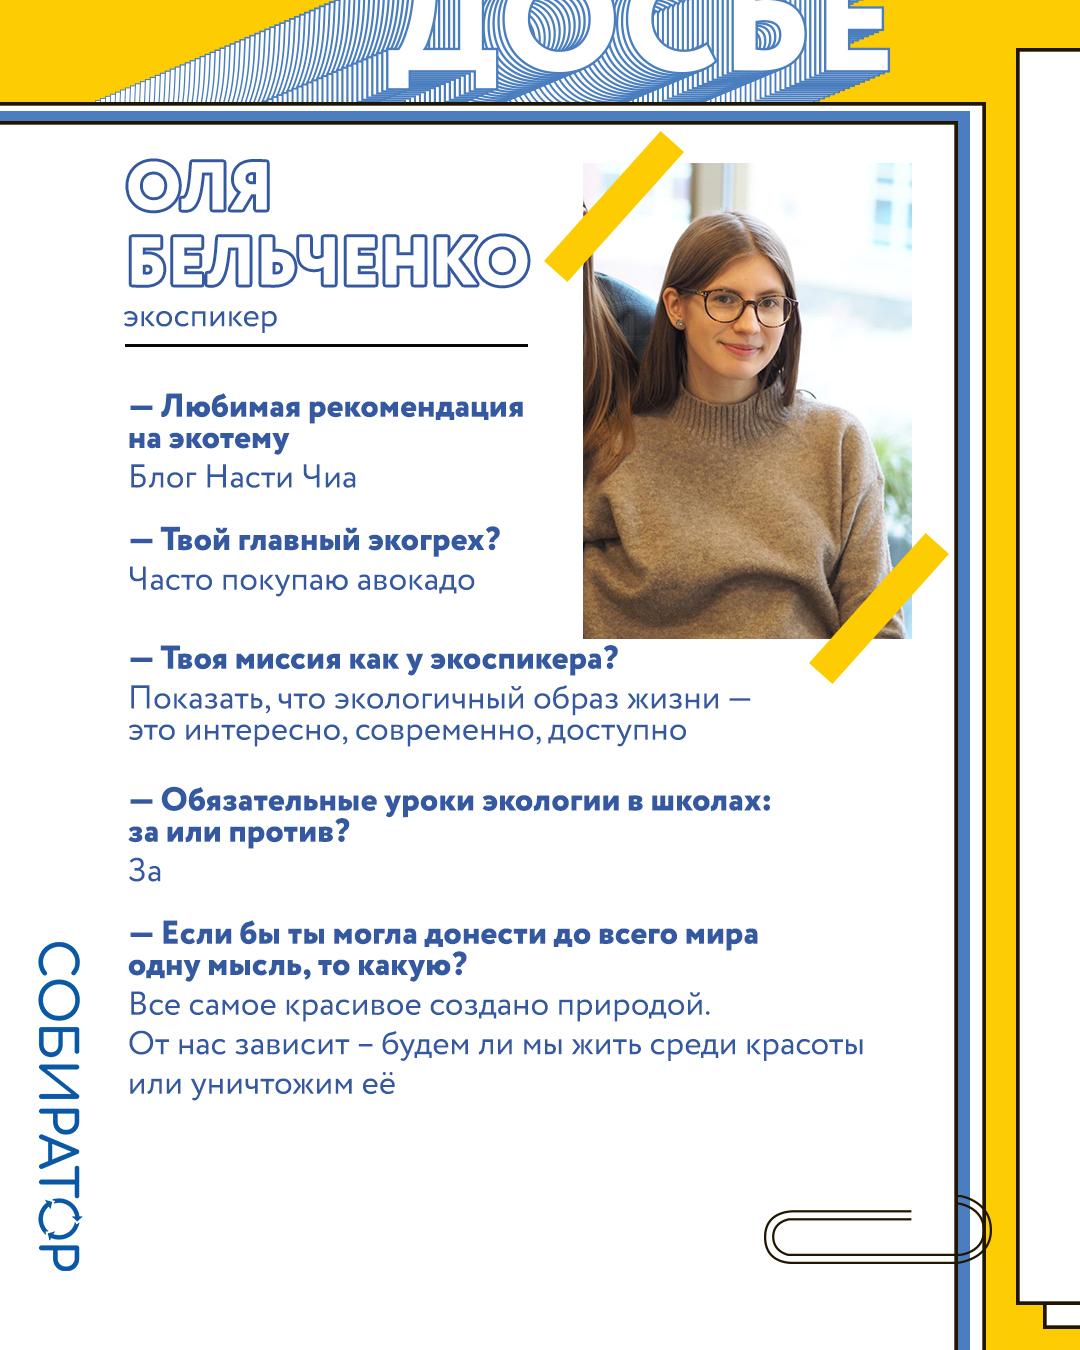 5.10_досье на экоспикеров_4